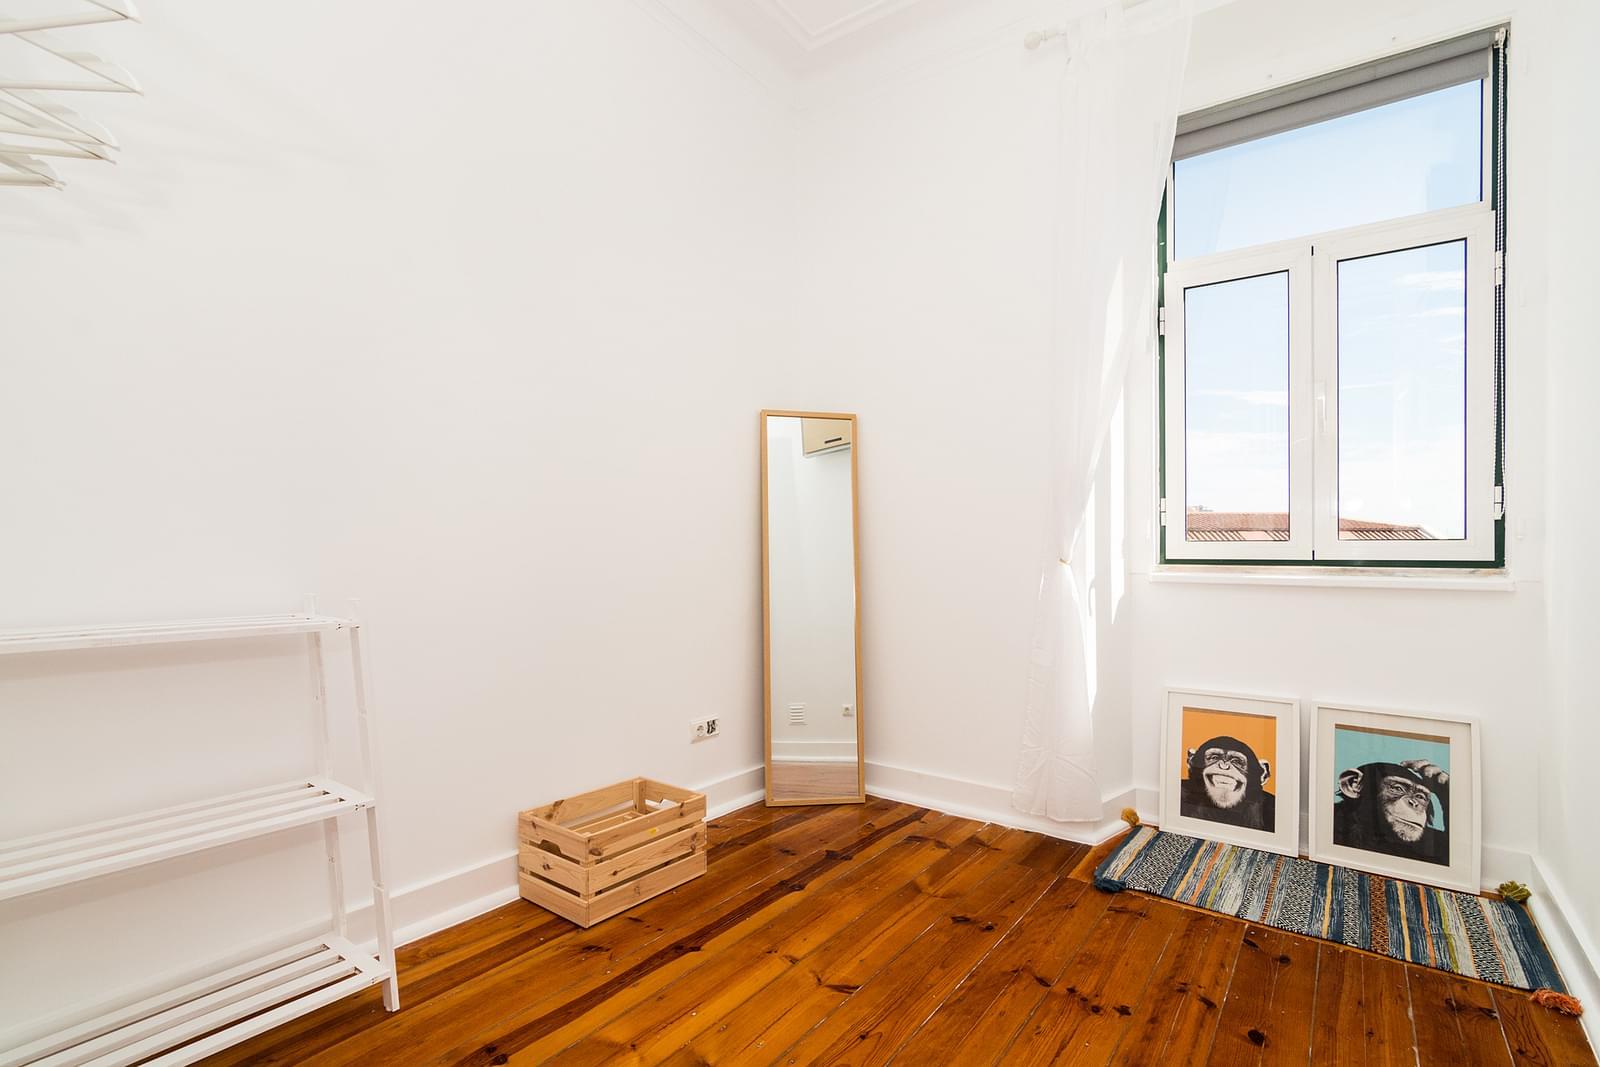 pf17569-apartamento-t2-lisboa-3ec8a644-b346-42e2-b424-167d8eb54363